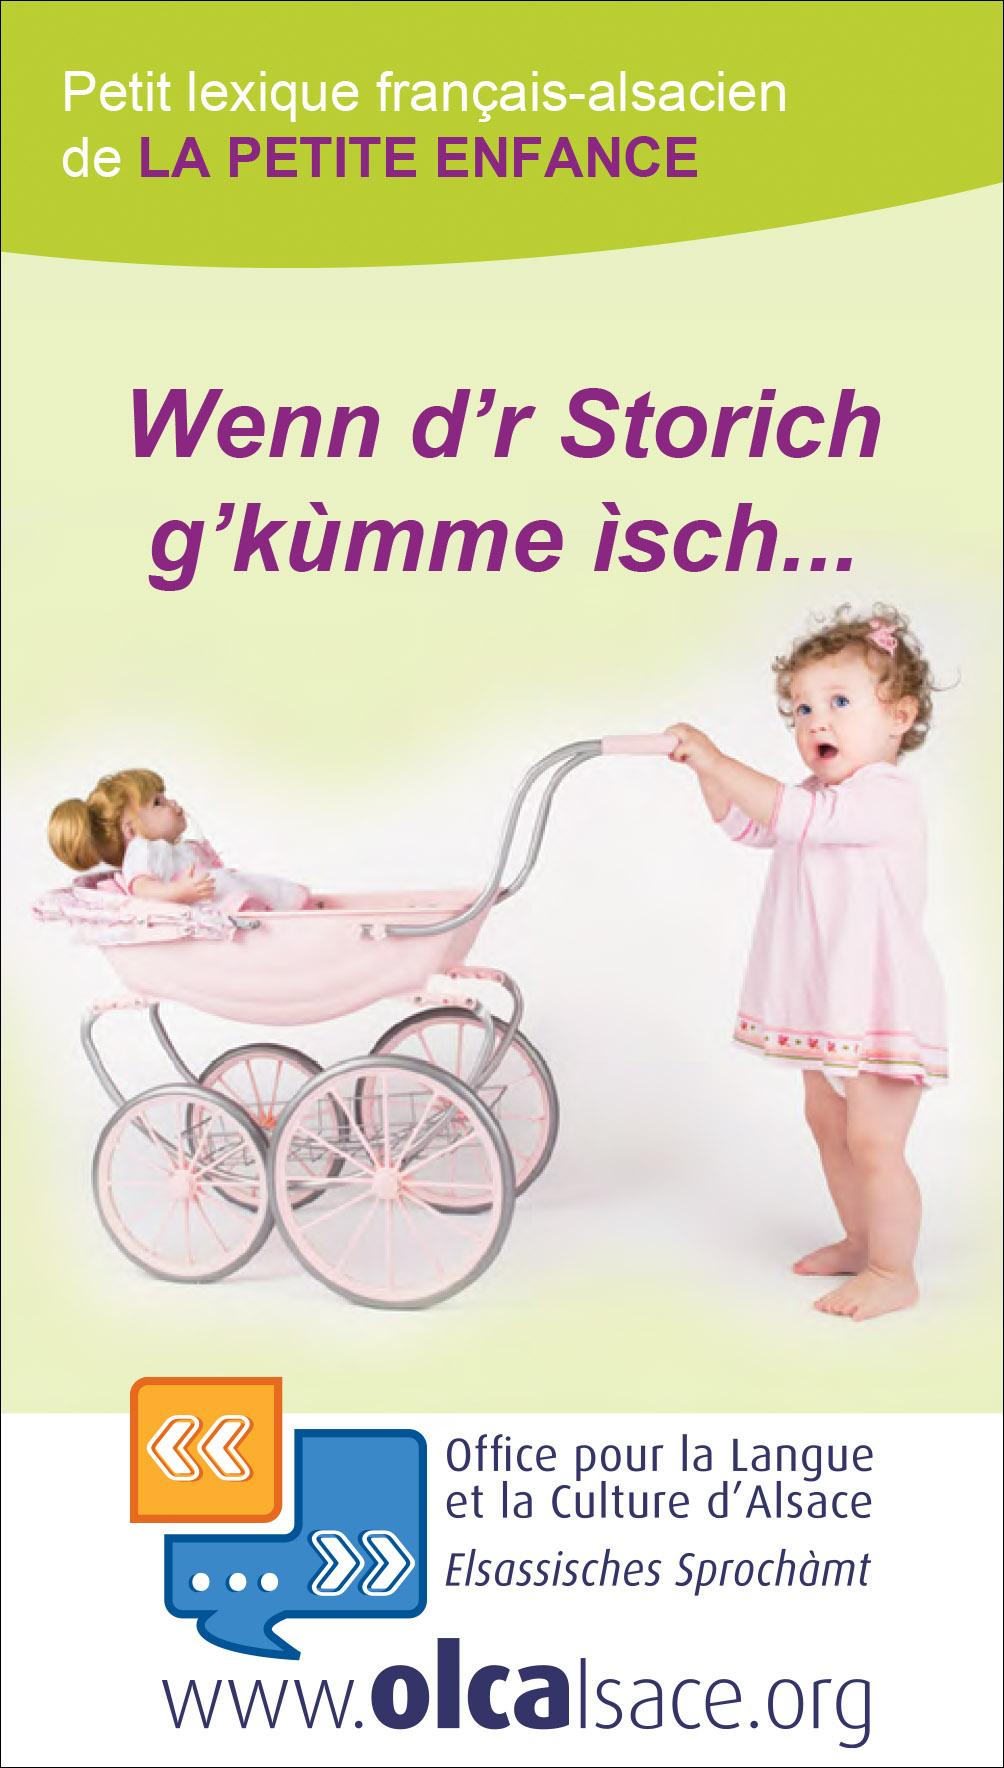 lexique français-alsacien de la petite enfance